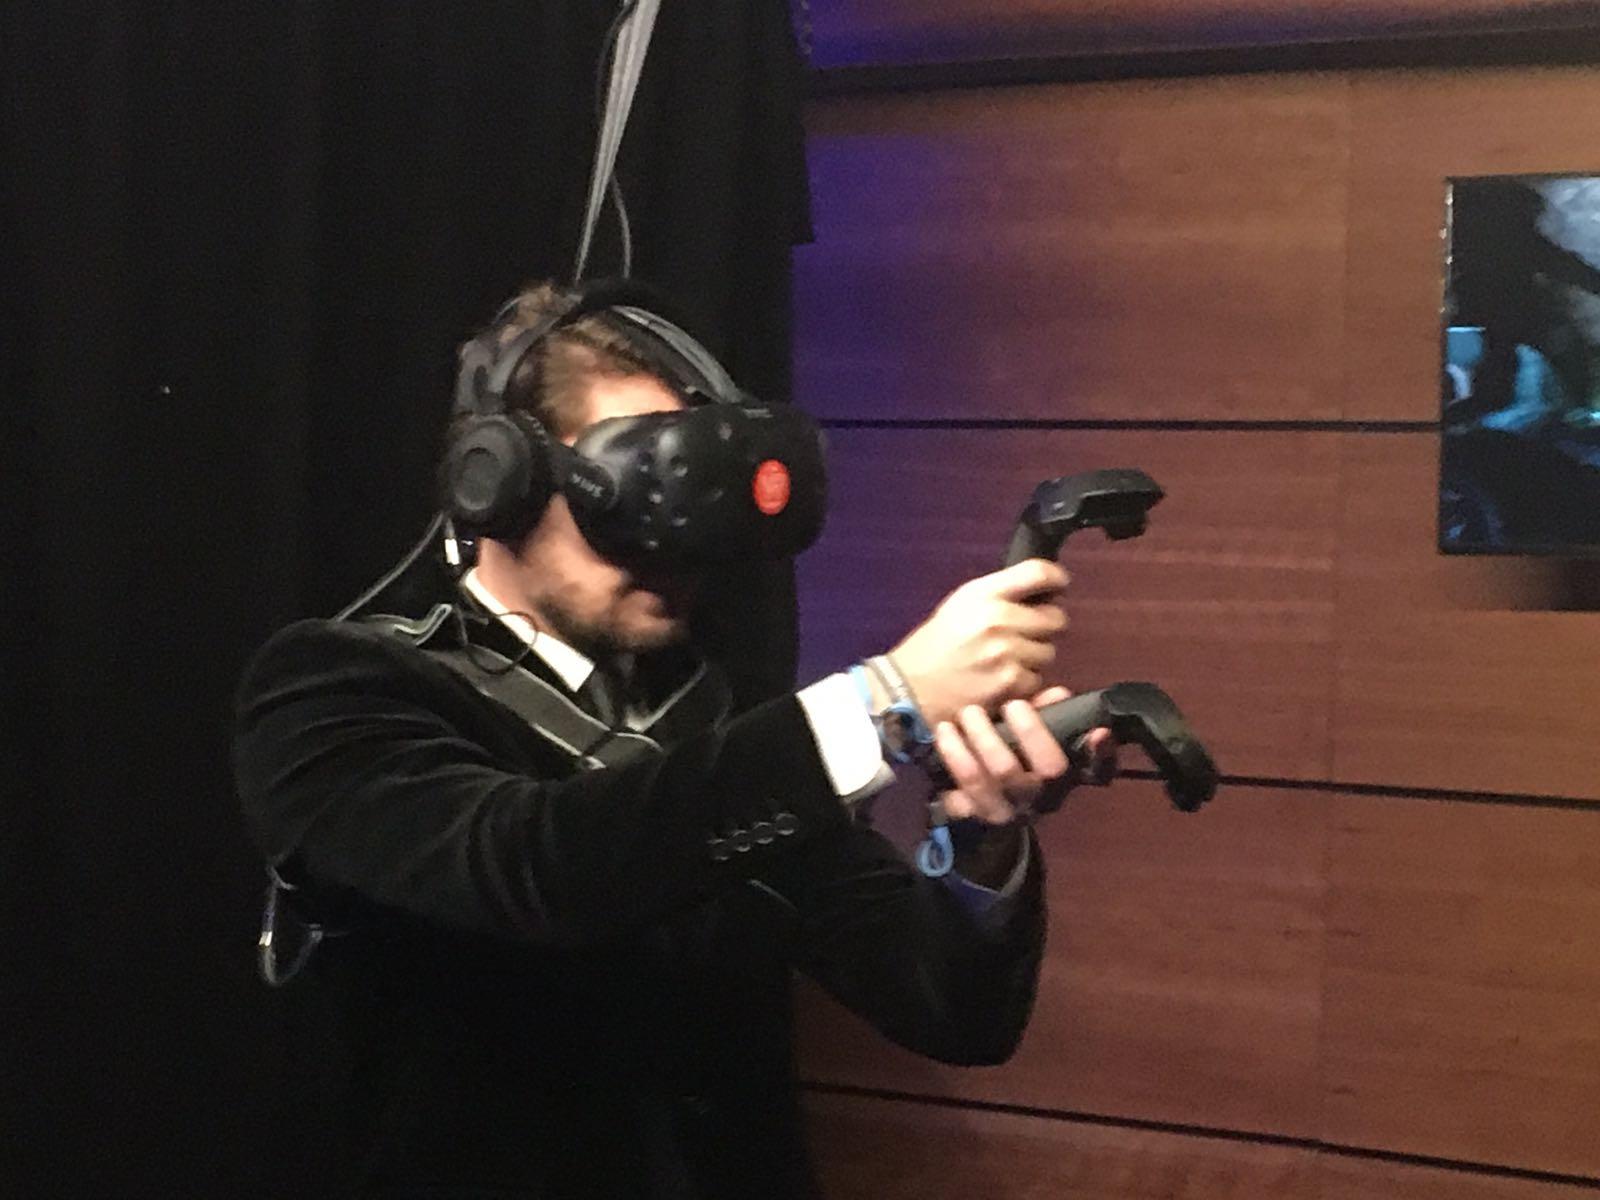 The_VR_Concept_BRITs_2017_closeup.jpeg